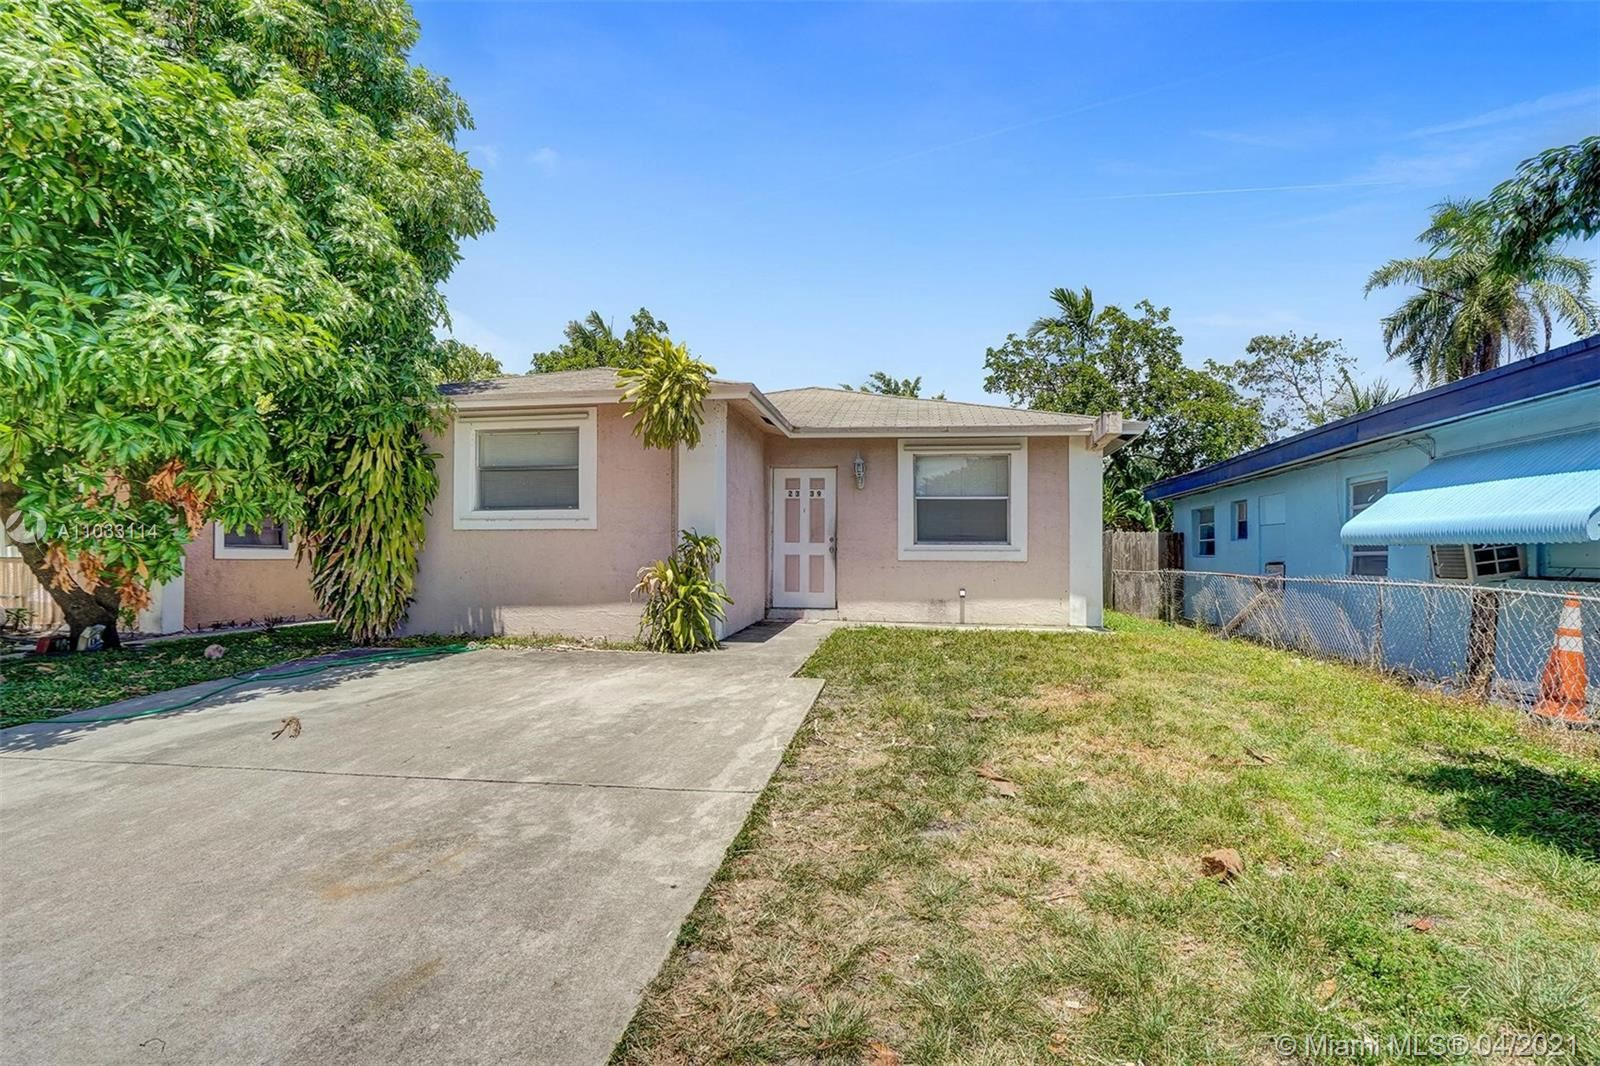 2339 Farragut St, Hollywood, FL 33020 - #: A11033114